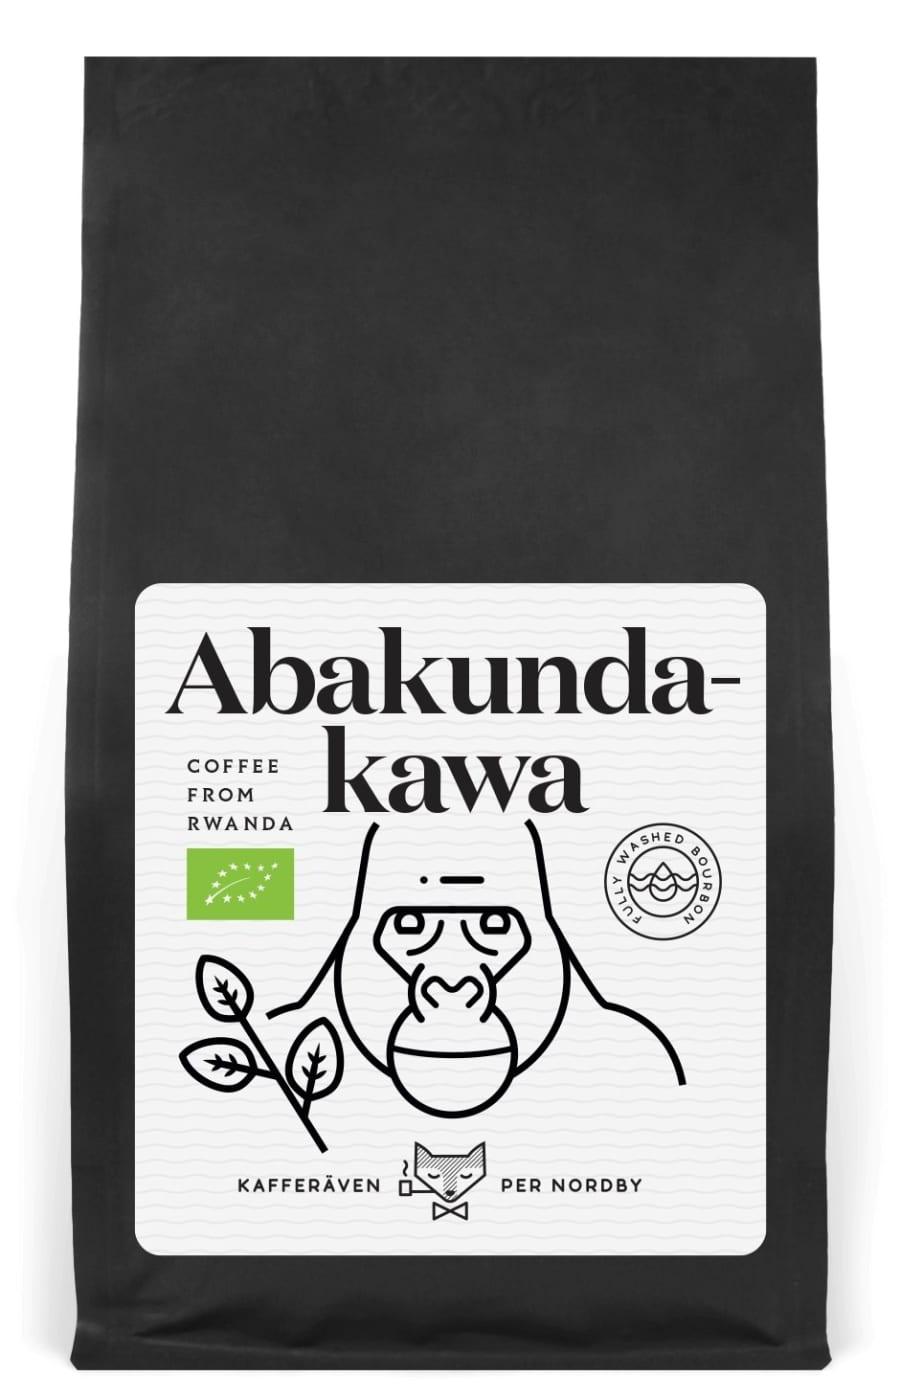 Abakundakawa   Kafferaven Per Nordby